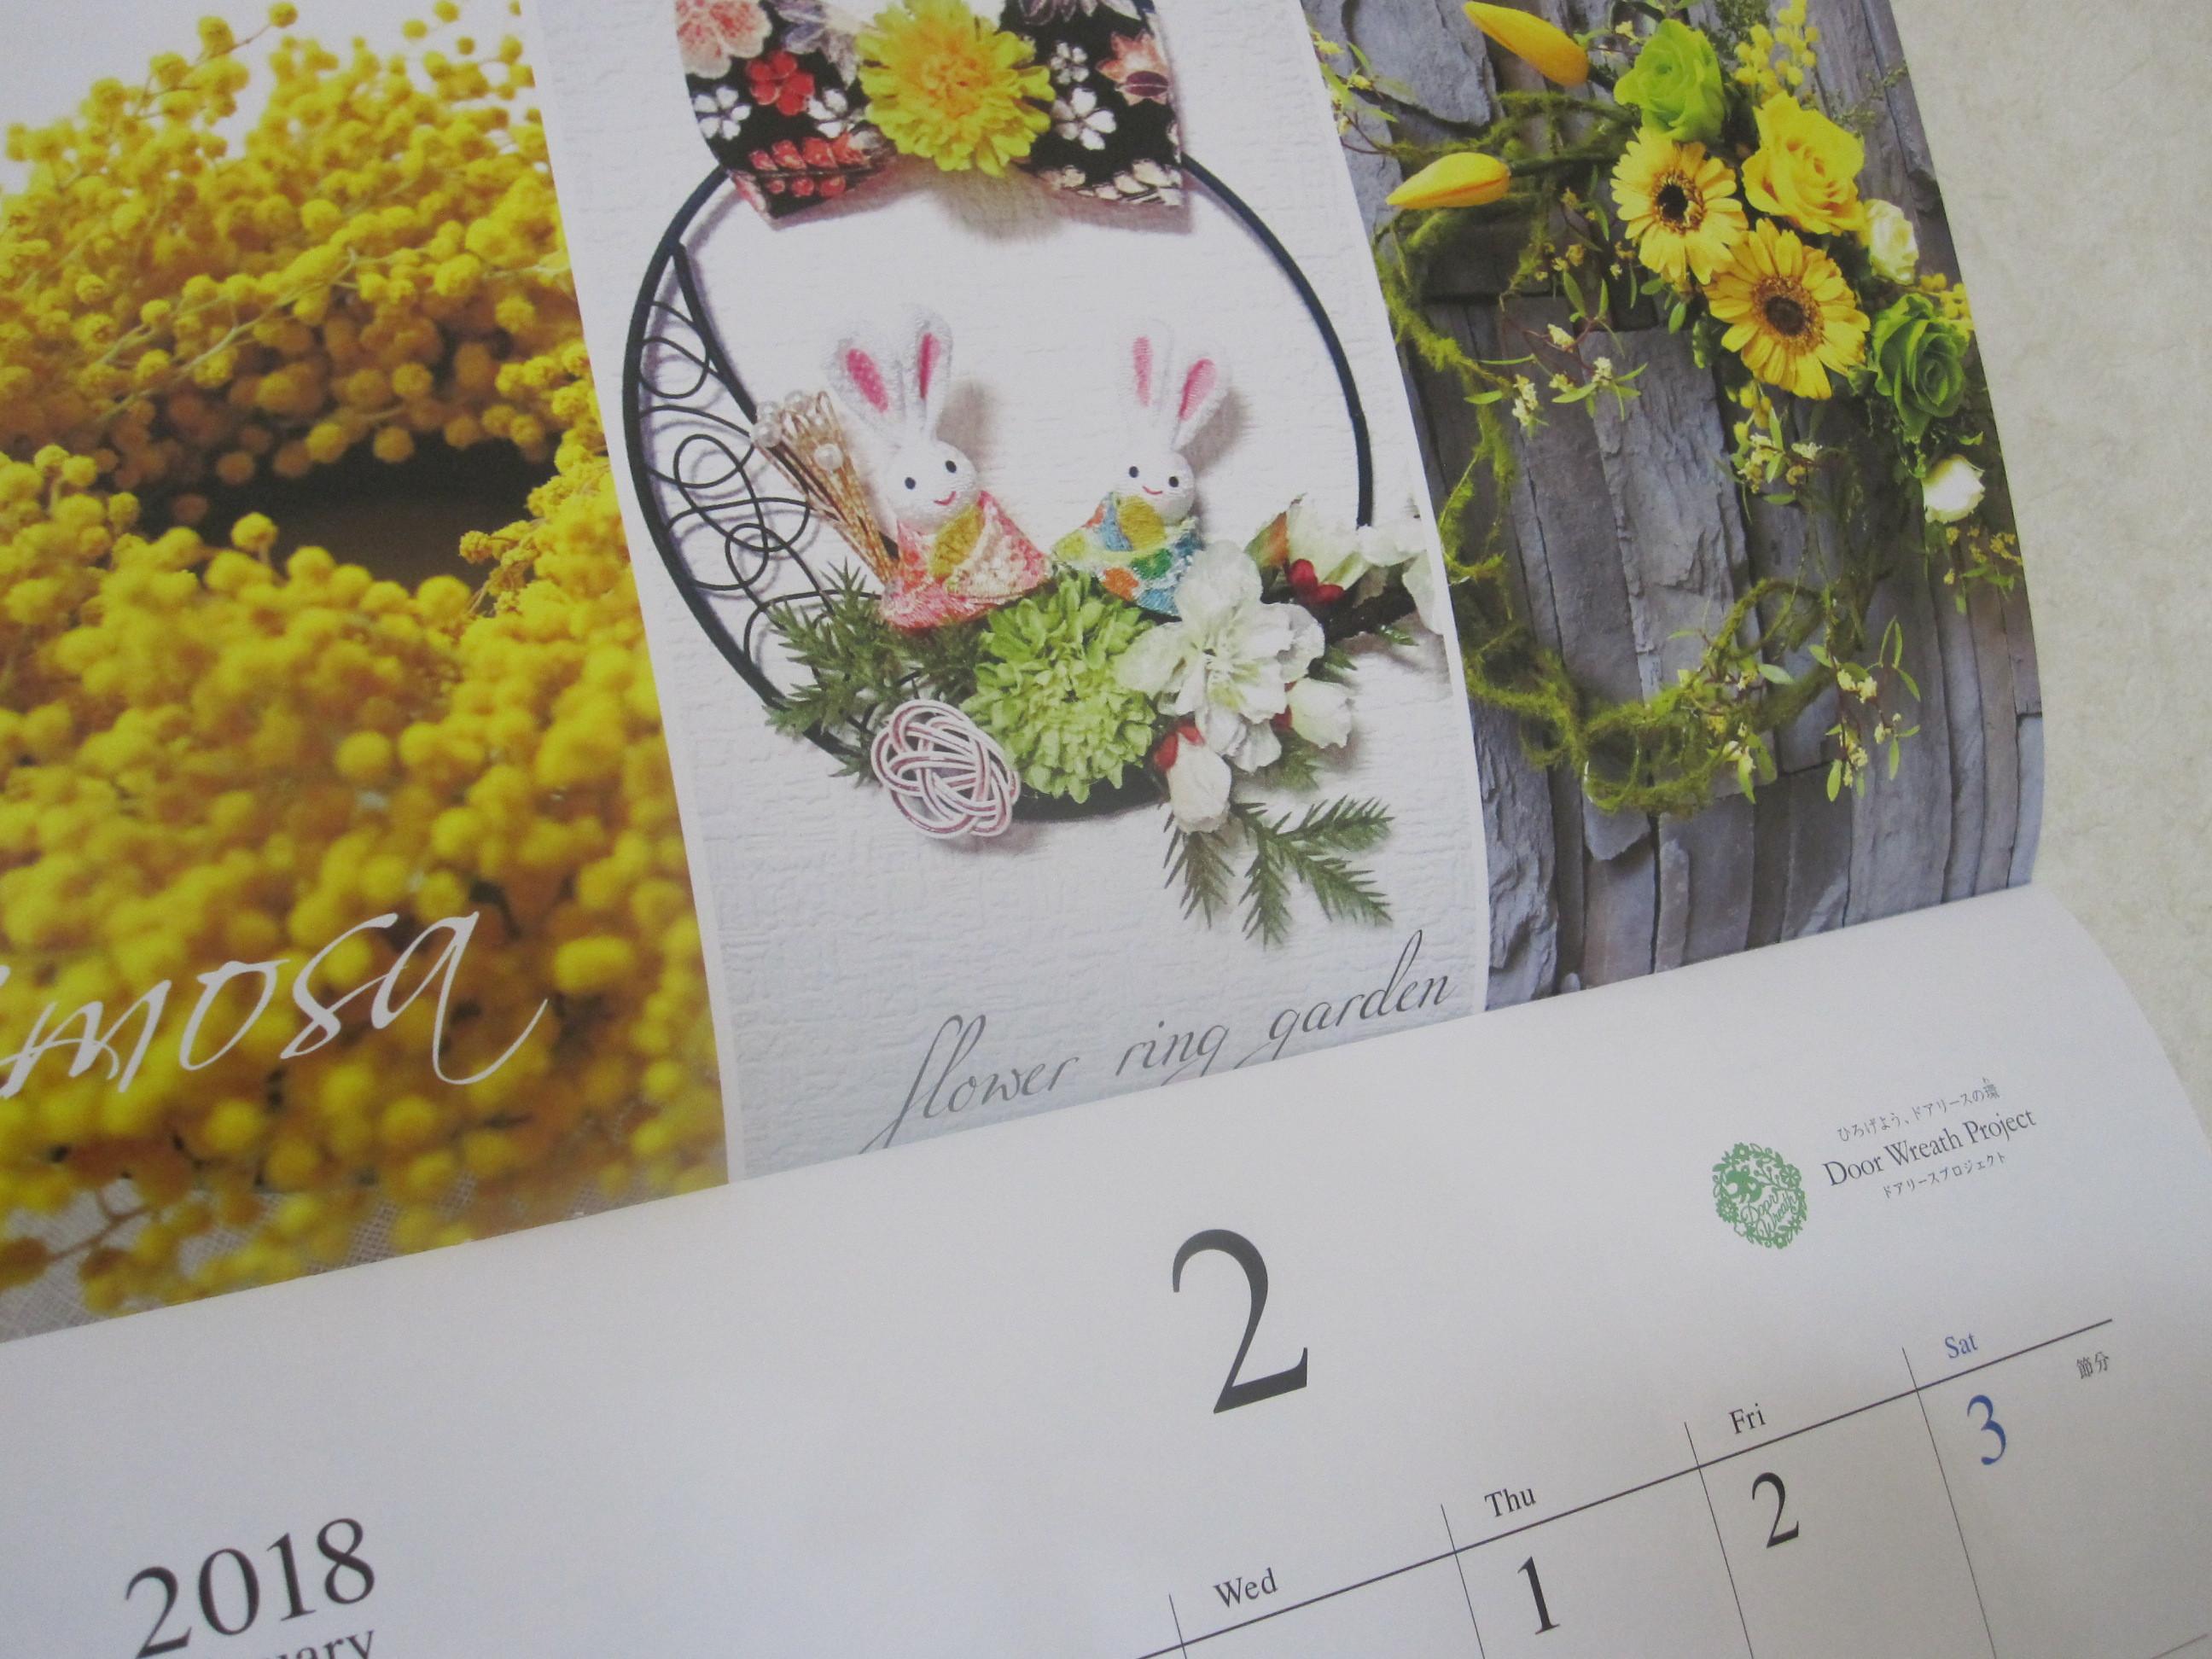 2018ドアリースカレンダーをプレゼントします